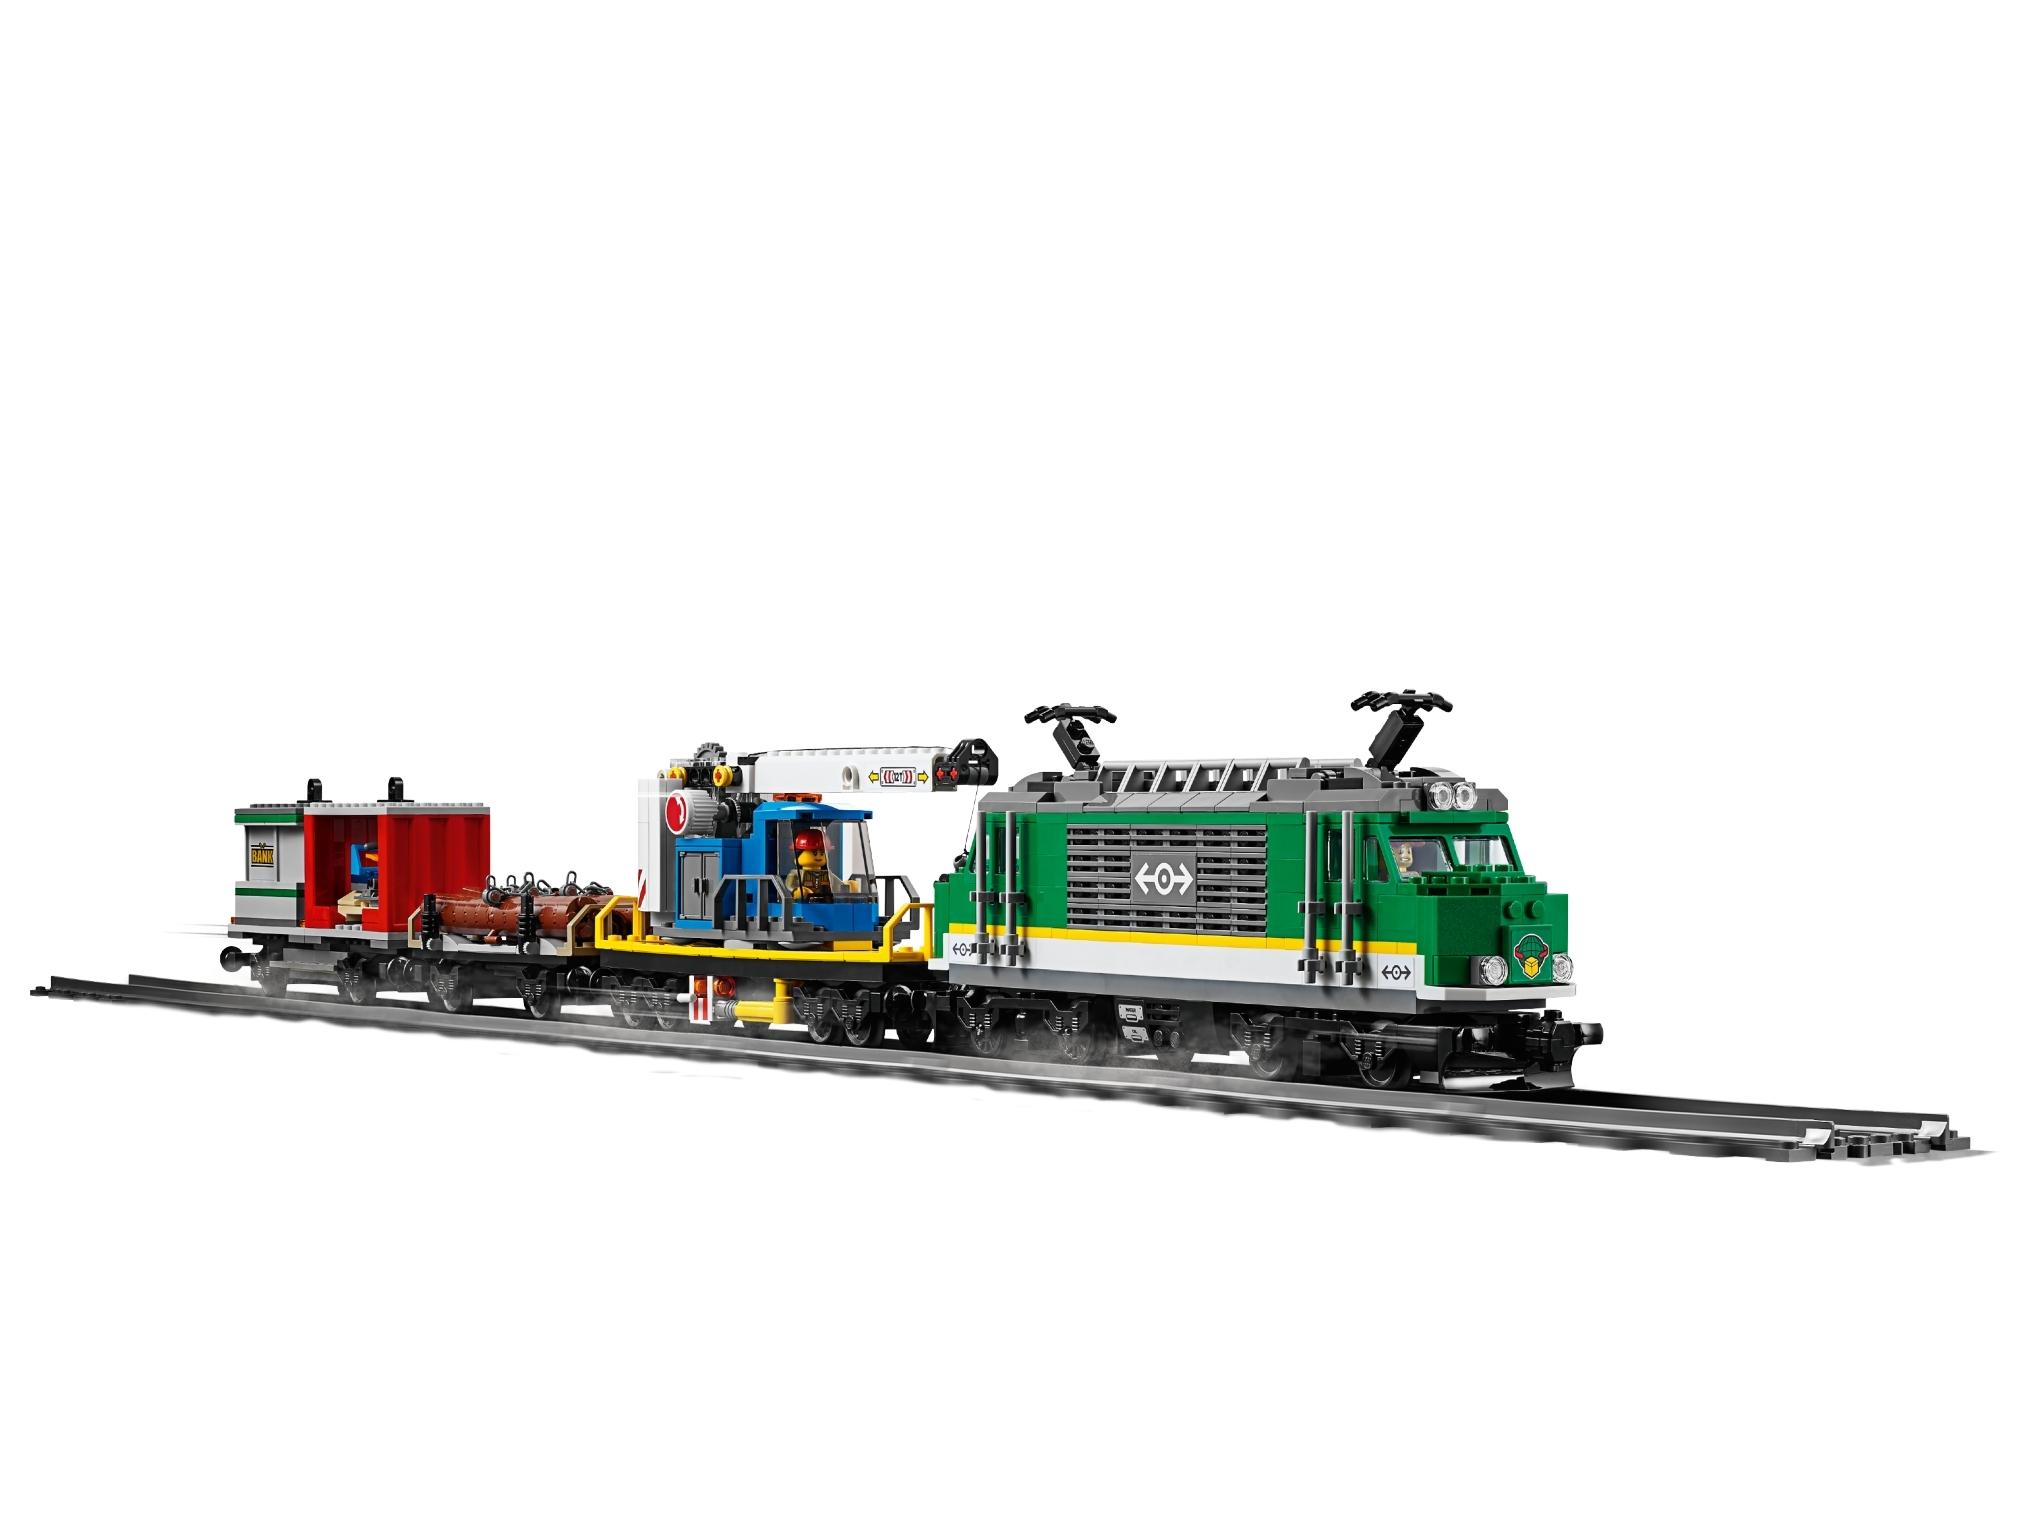 lego vrachttrein 60198